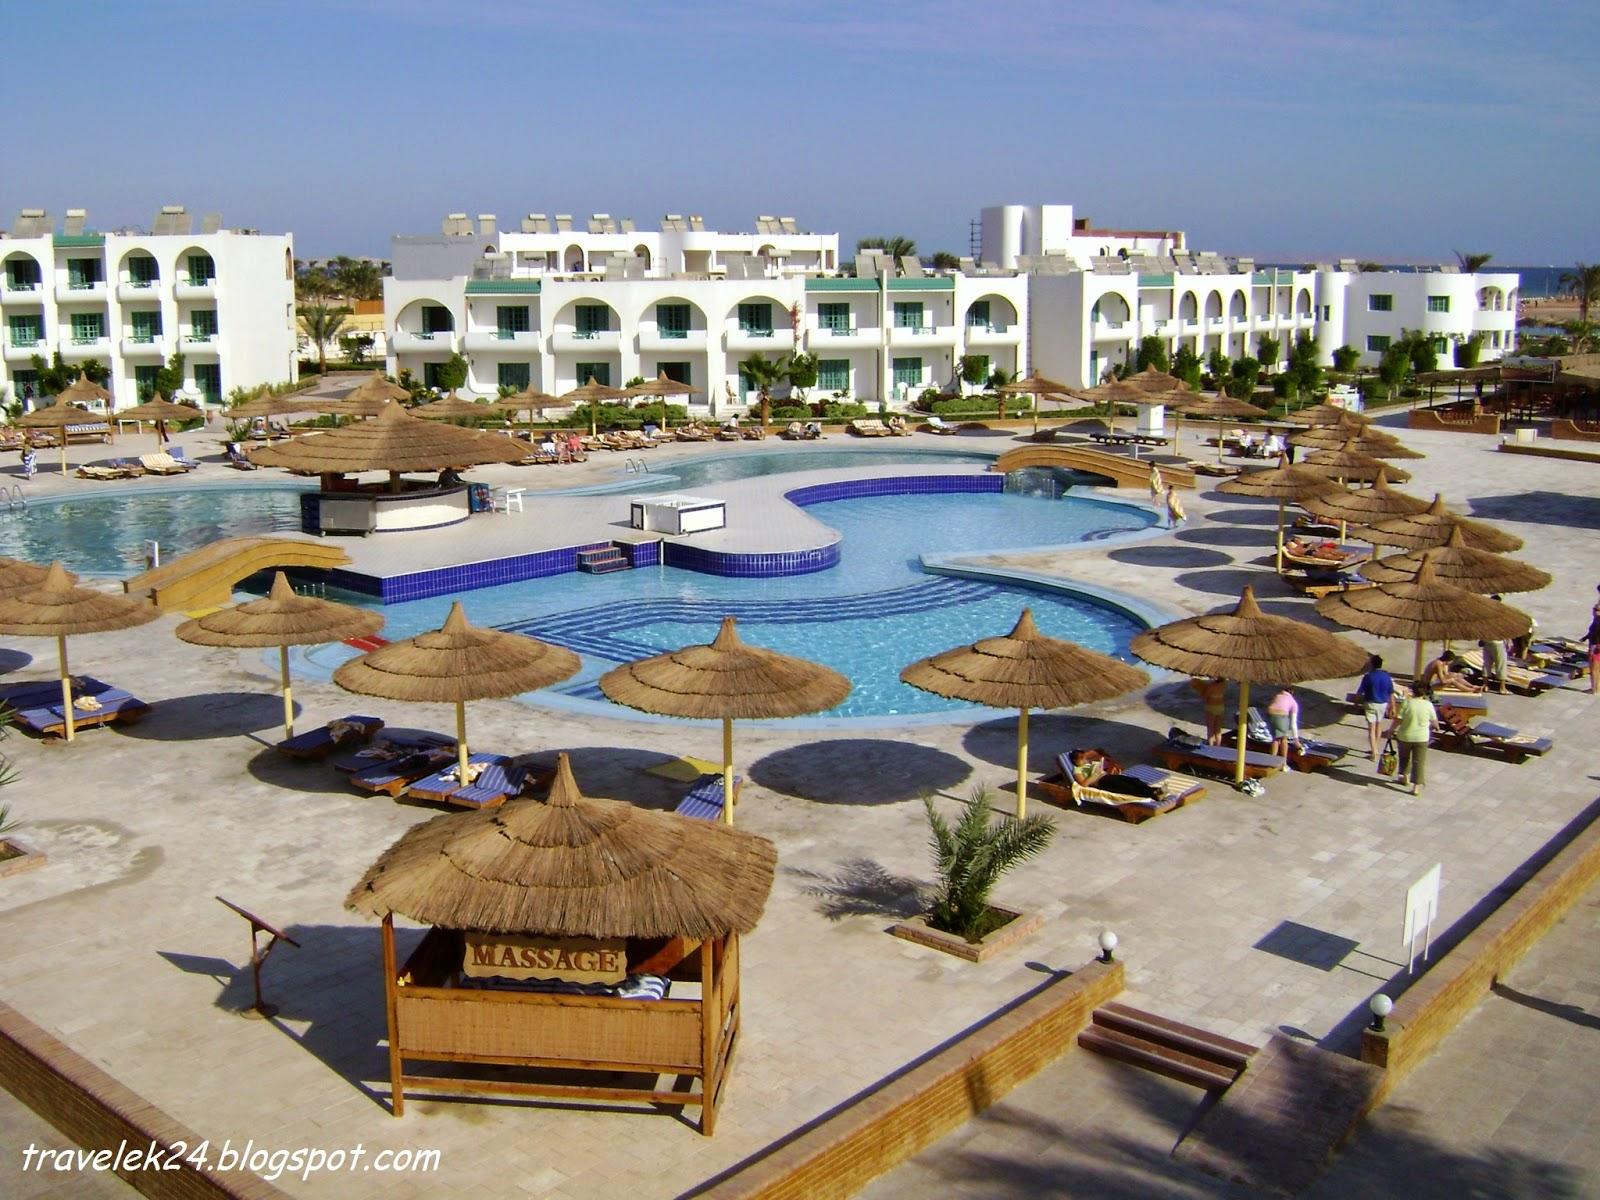 Kompleks hotelowy w Hurghadzie, Egipt